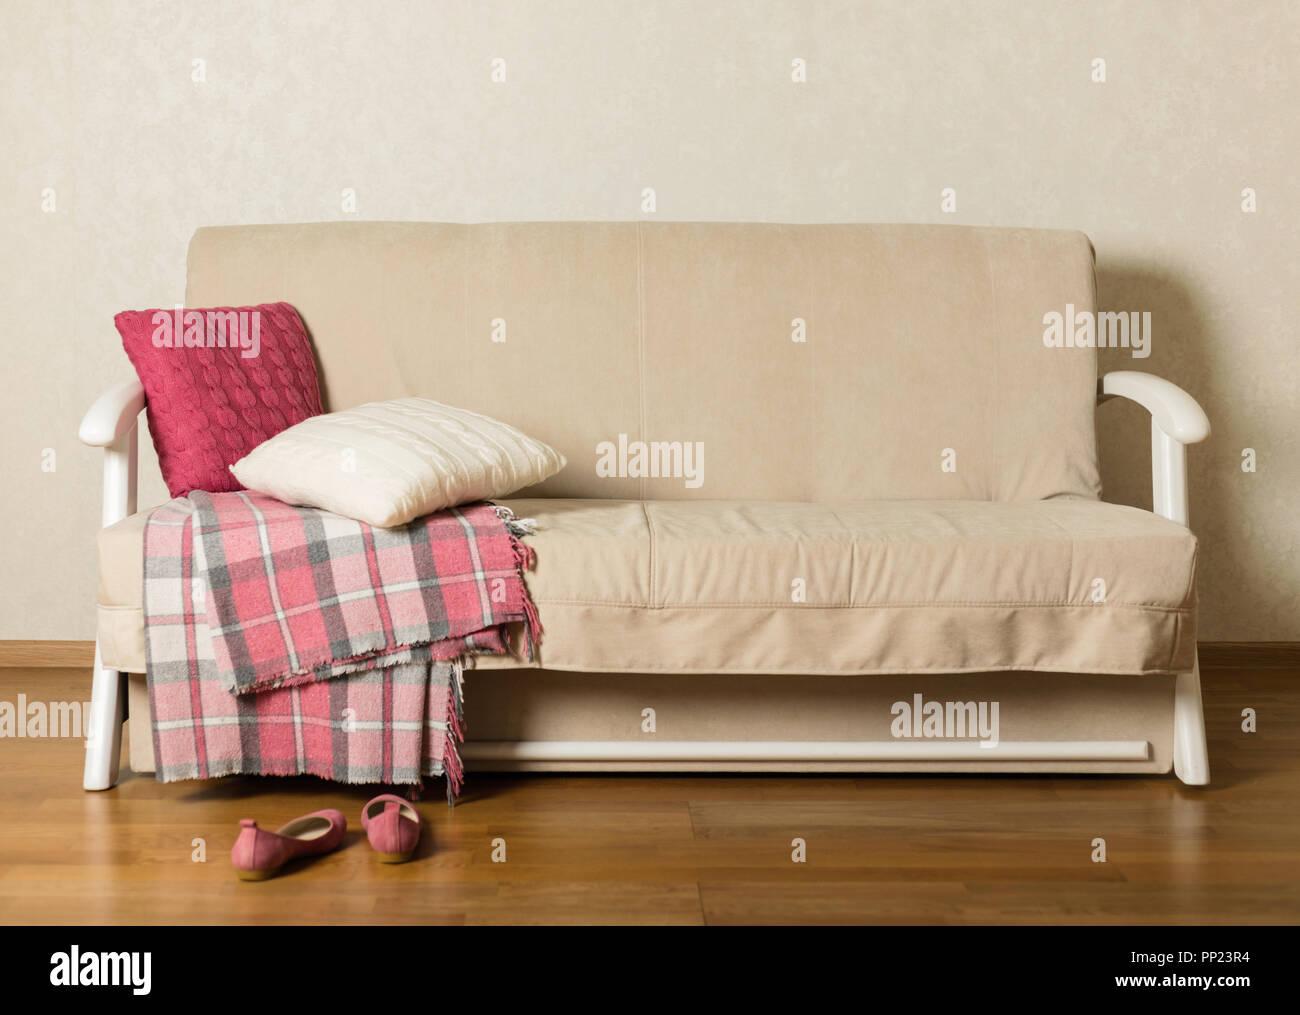 Beige Sofa mit Plaid und bunte Kissen (Rosa, Grau, Weiß) im ...